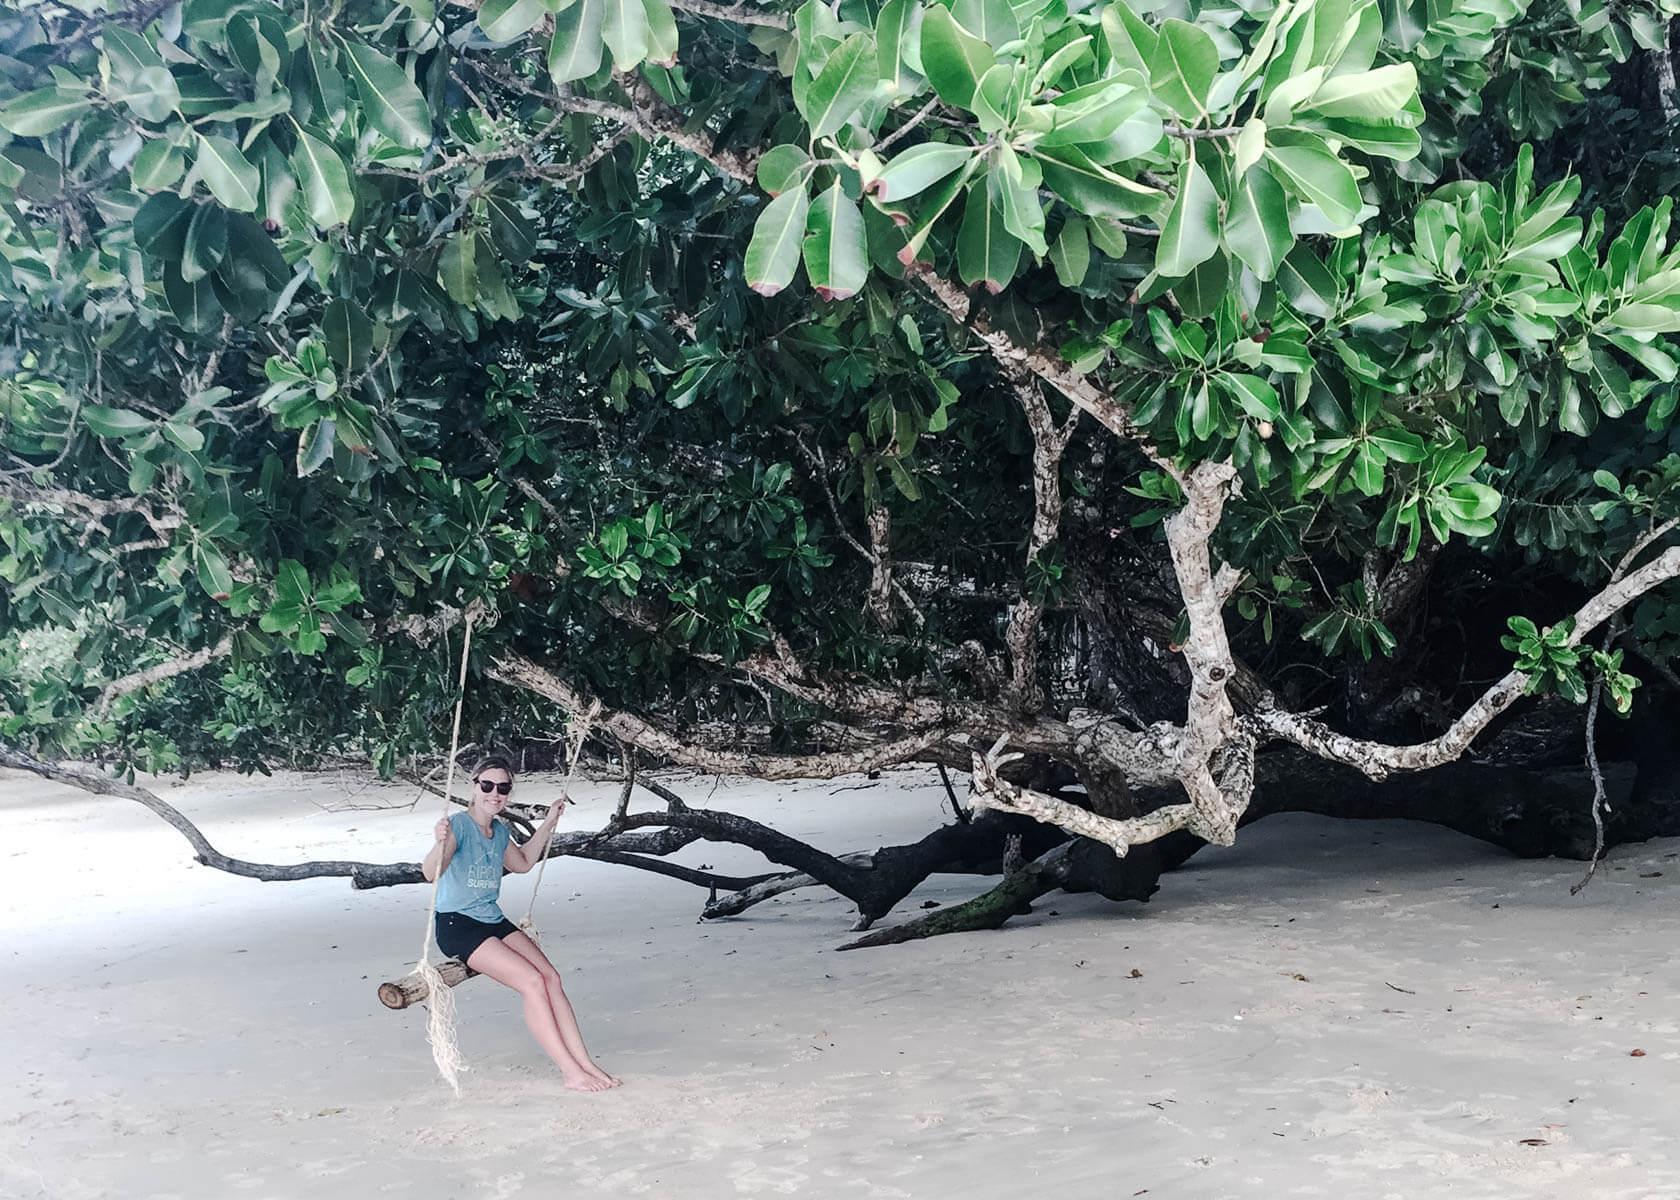 Dauerhaft reisen nein danke Frau schaukelt in einem Baum am Strand Ko Chang Thailand.jpg